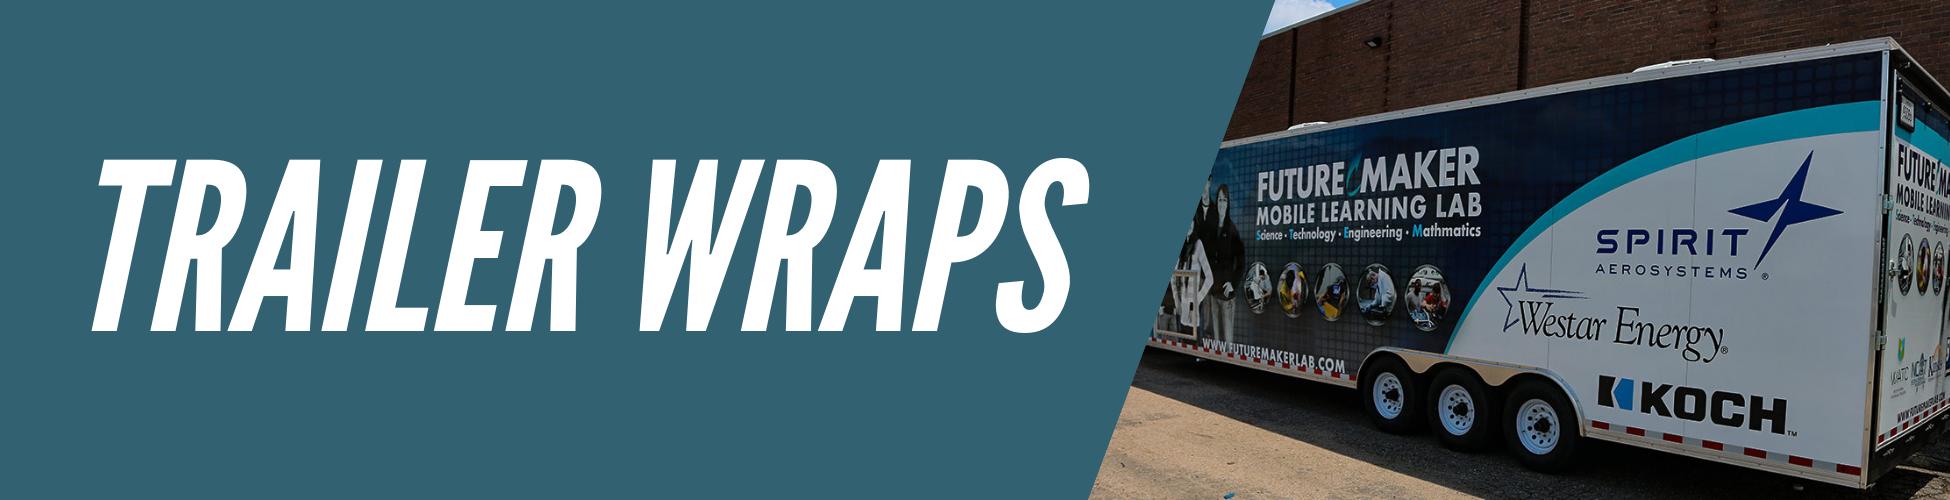 trailer-wraps-banner-v3.png